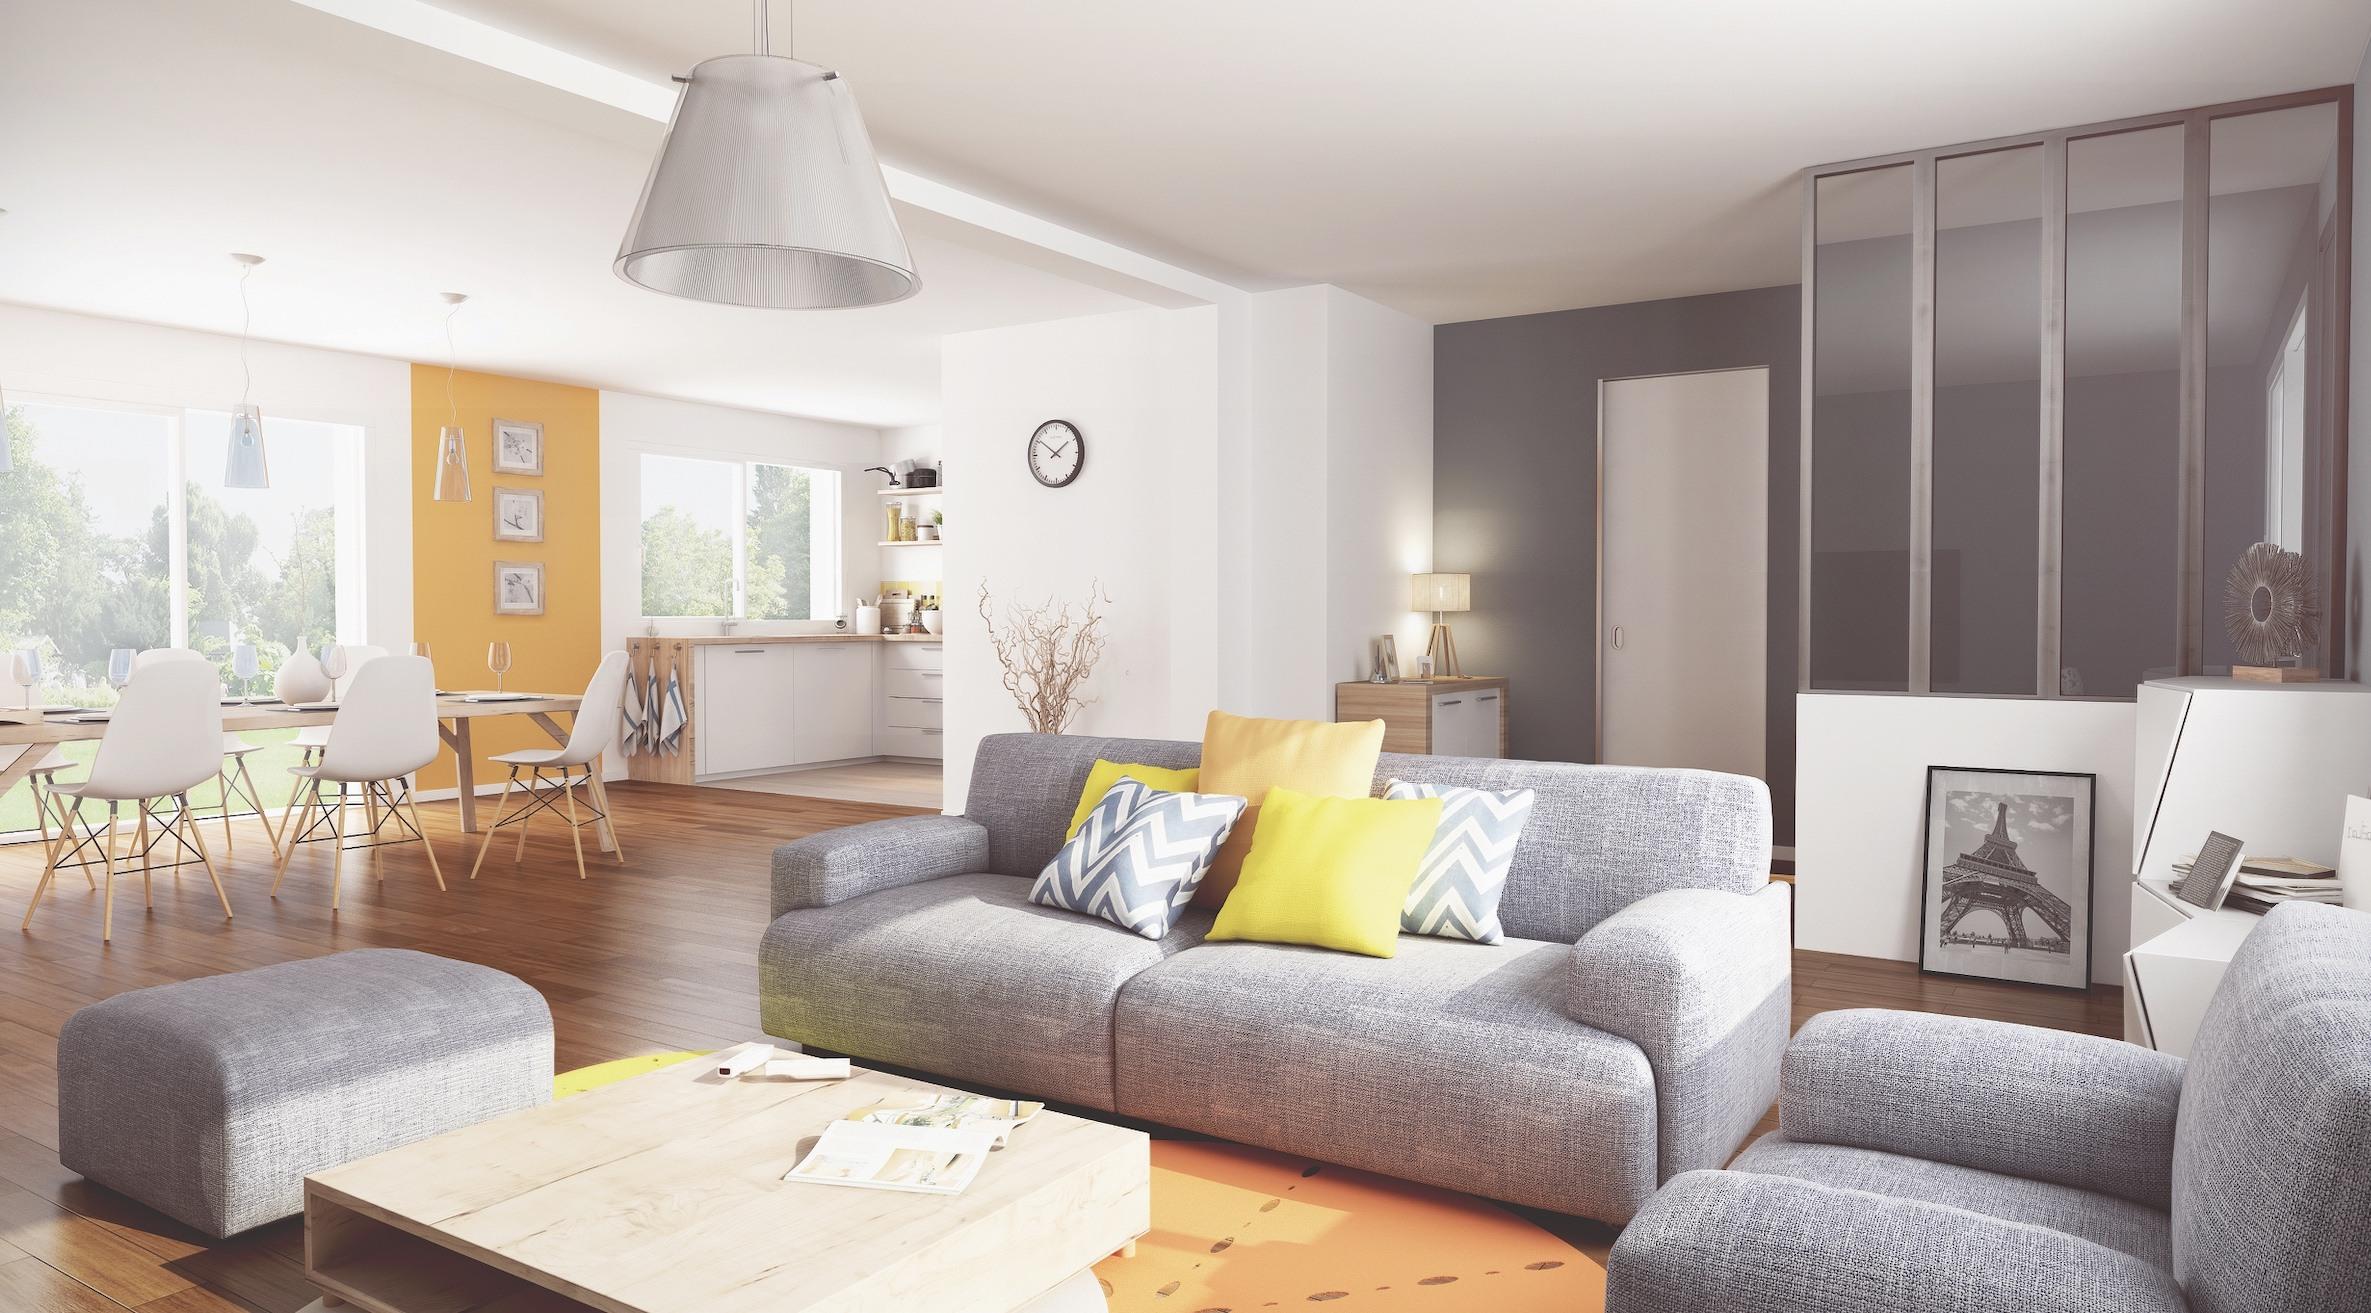 Maisons + Terrains du constructeur MAISON FAMILIALE RENNES • 145 m² • GUICHEN